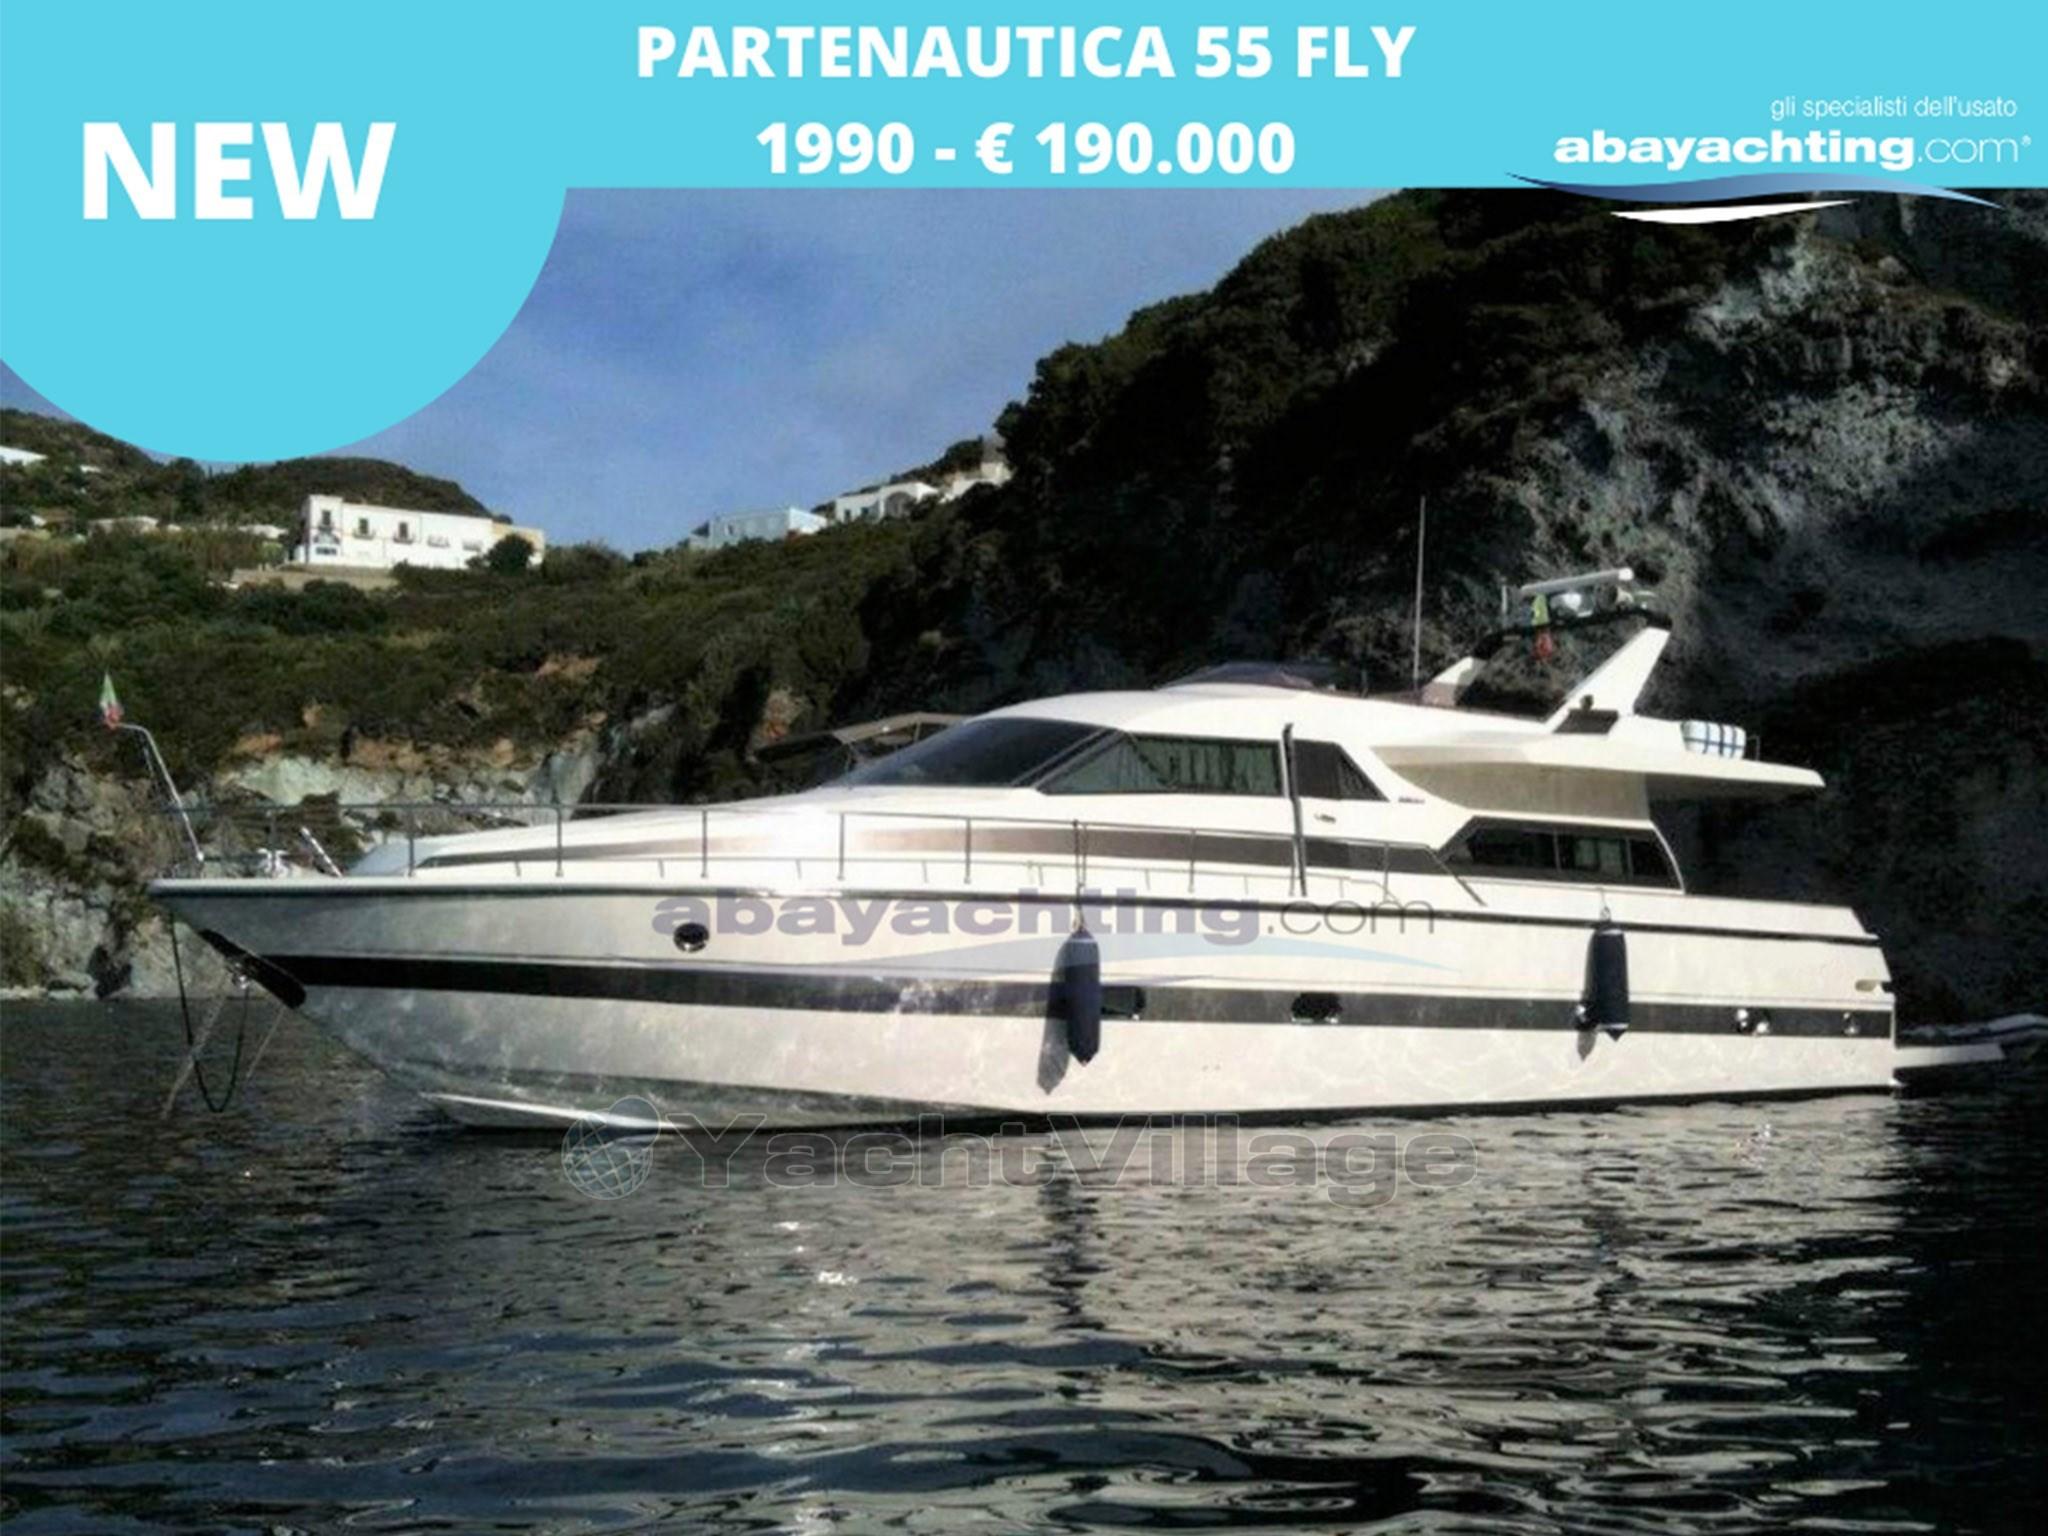 Abayachting Nuovo arrivo Partenautica 55 Fly